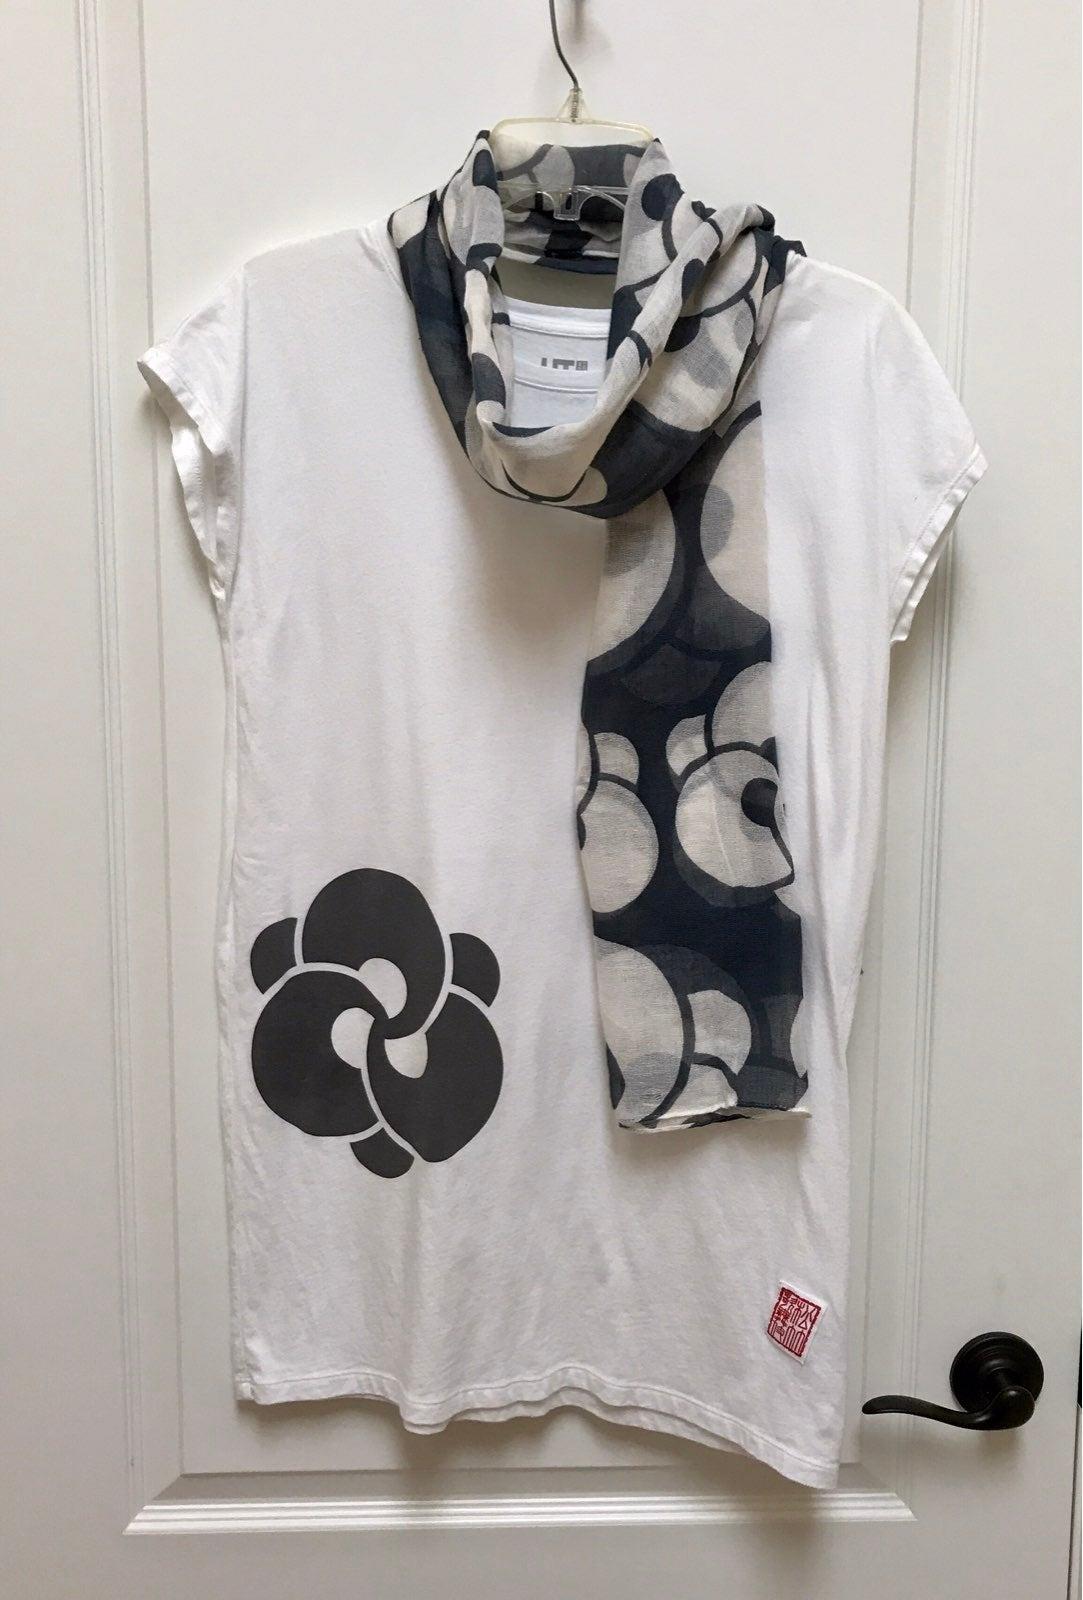 Uniqlo kabuki collection Tunic & Oblong